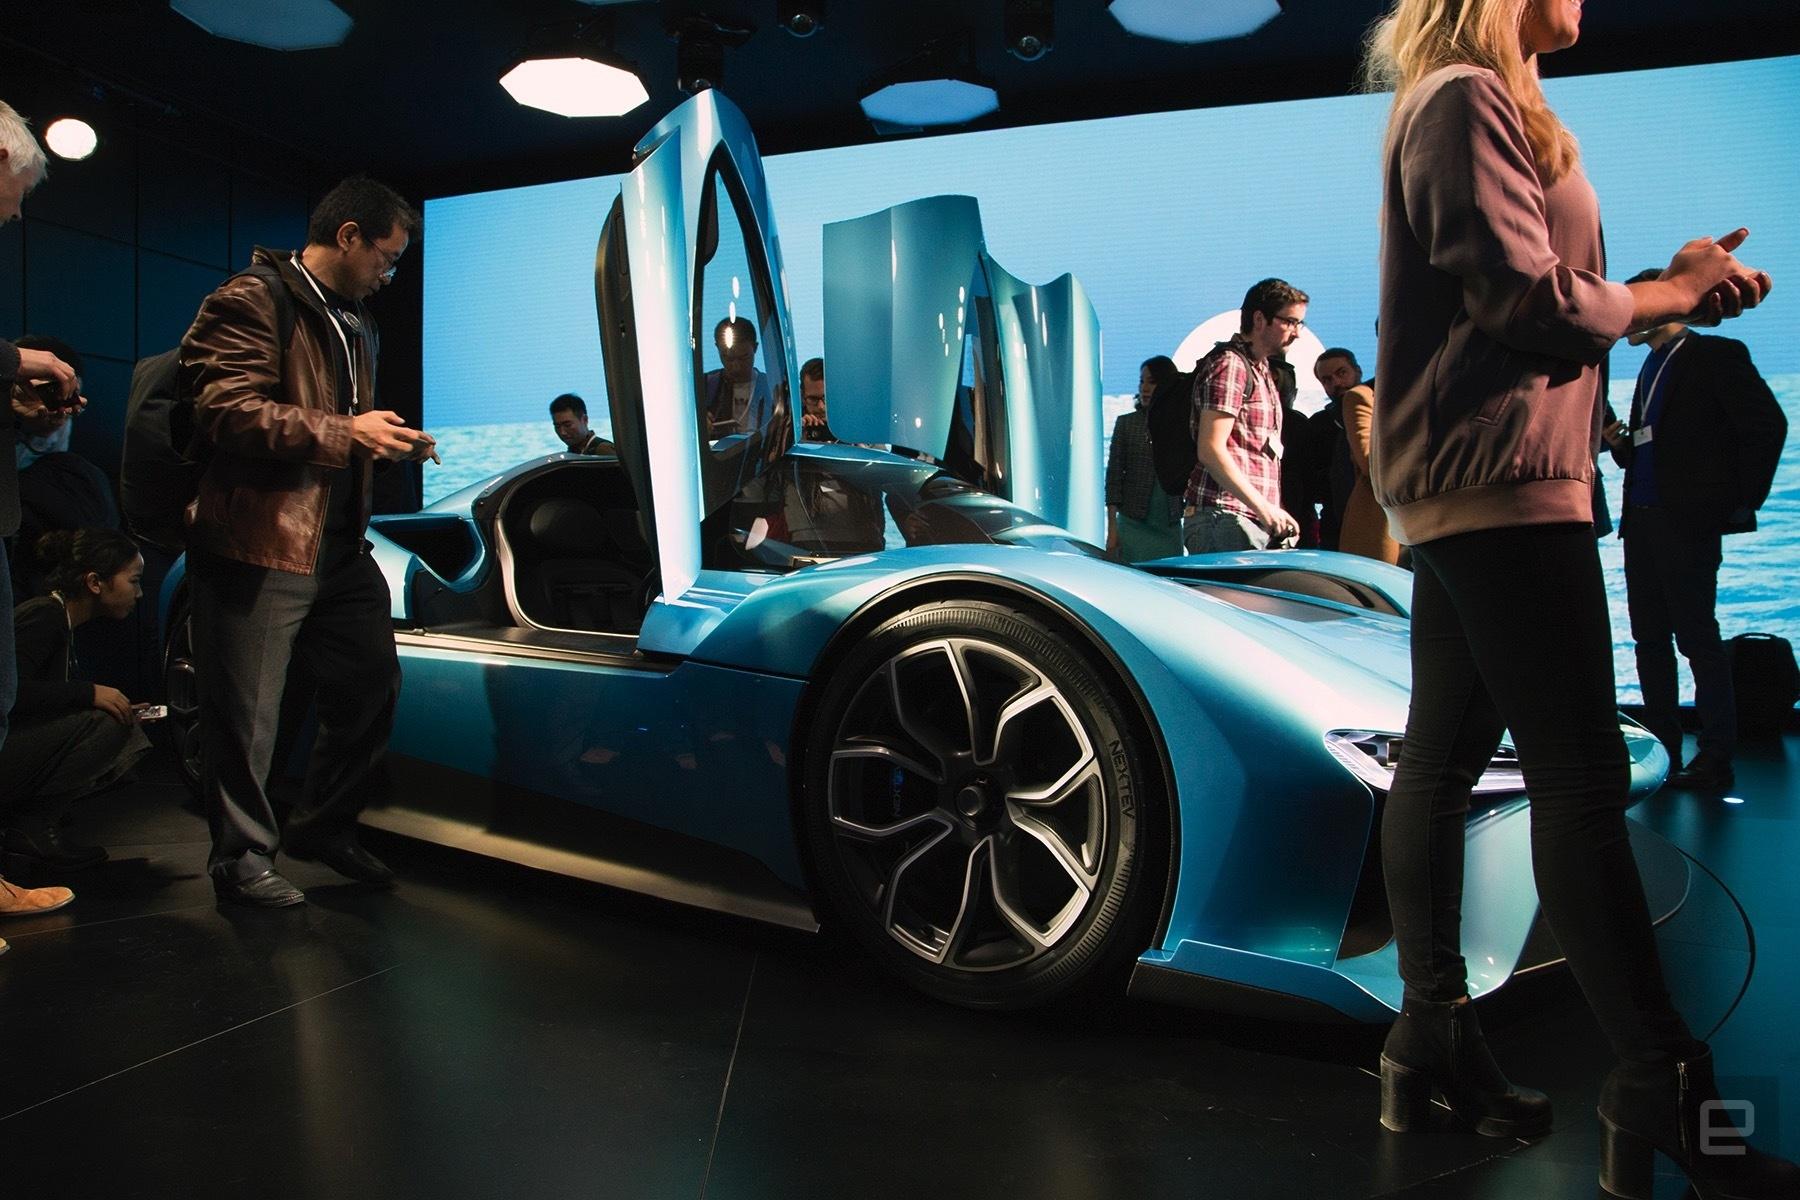 سریعترین خودروی الکتریکی جهان را ببینید/ صفر تا صد: ۲.۷ ثانیه